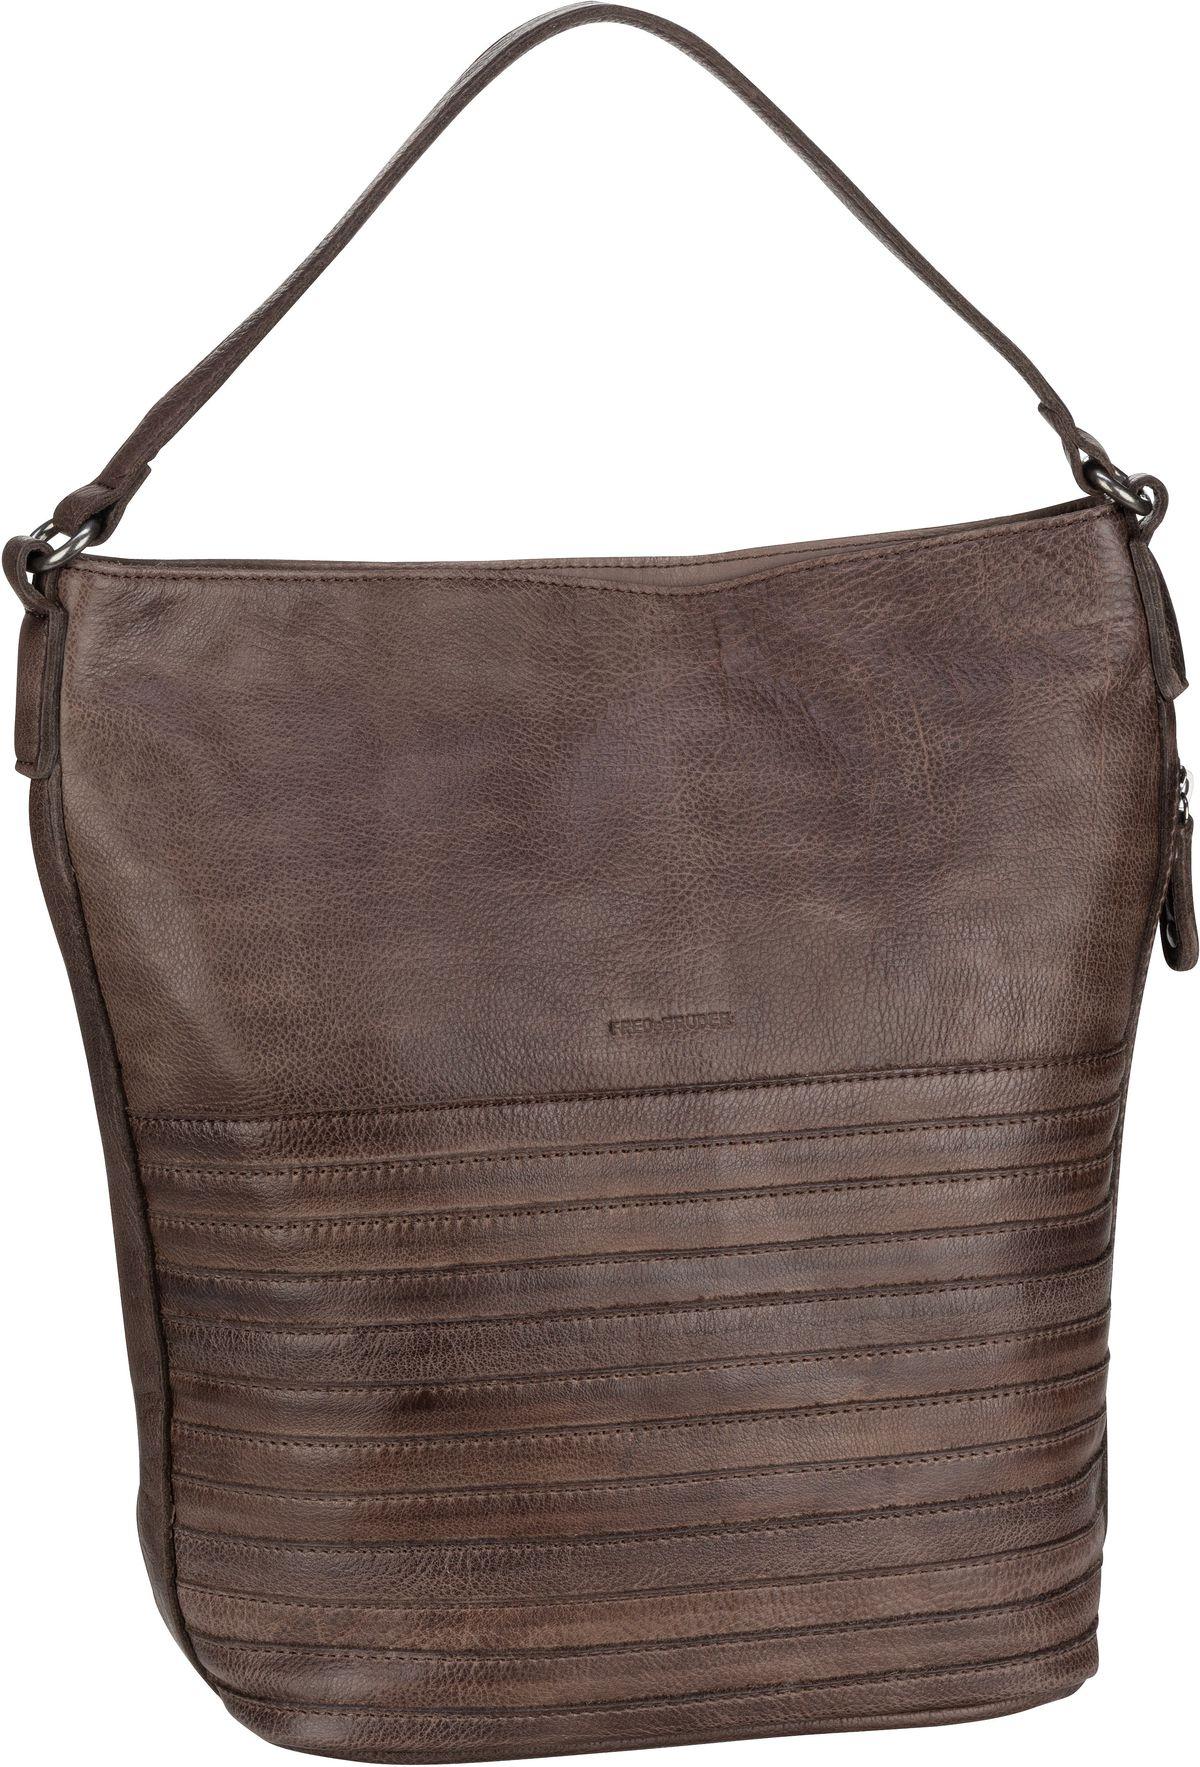 Handtasche Cheri Muddy Toffee